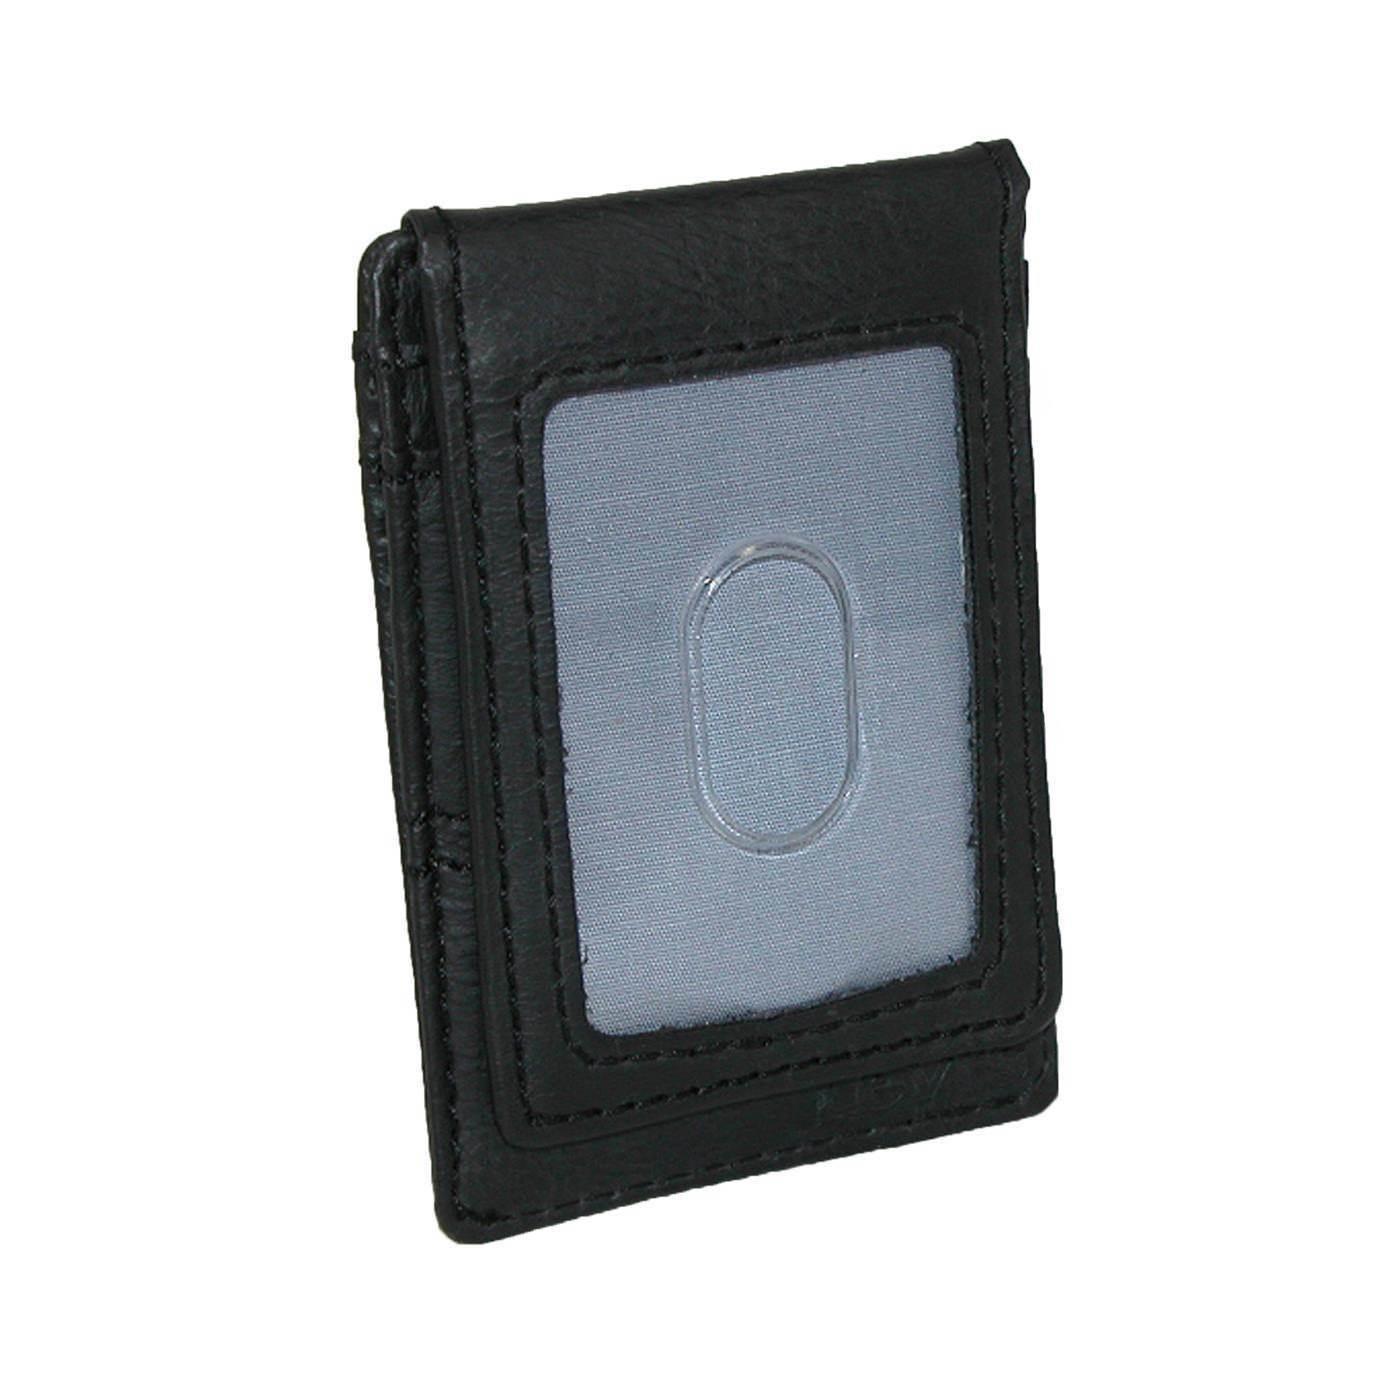 New Men's Levi's Rfid Blocking Wide Magnetic Front Pocket Wallet